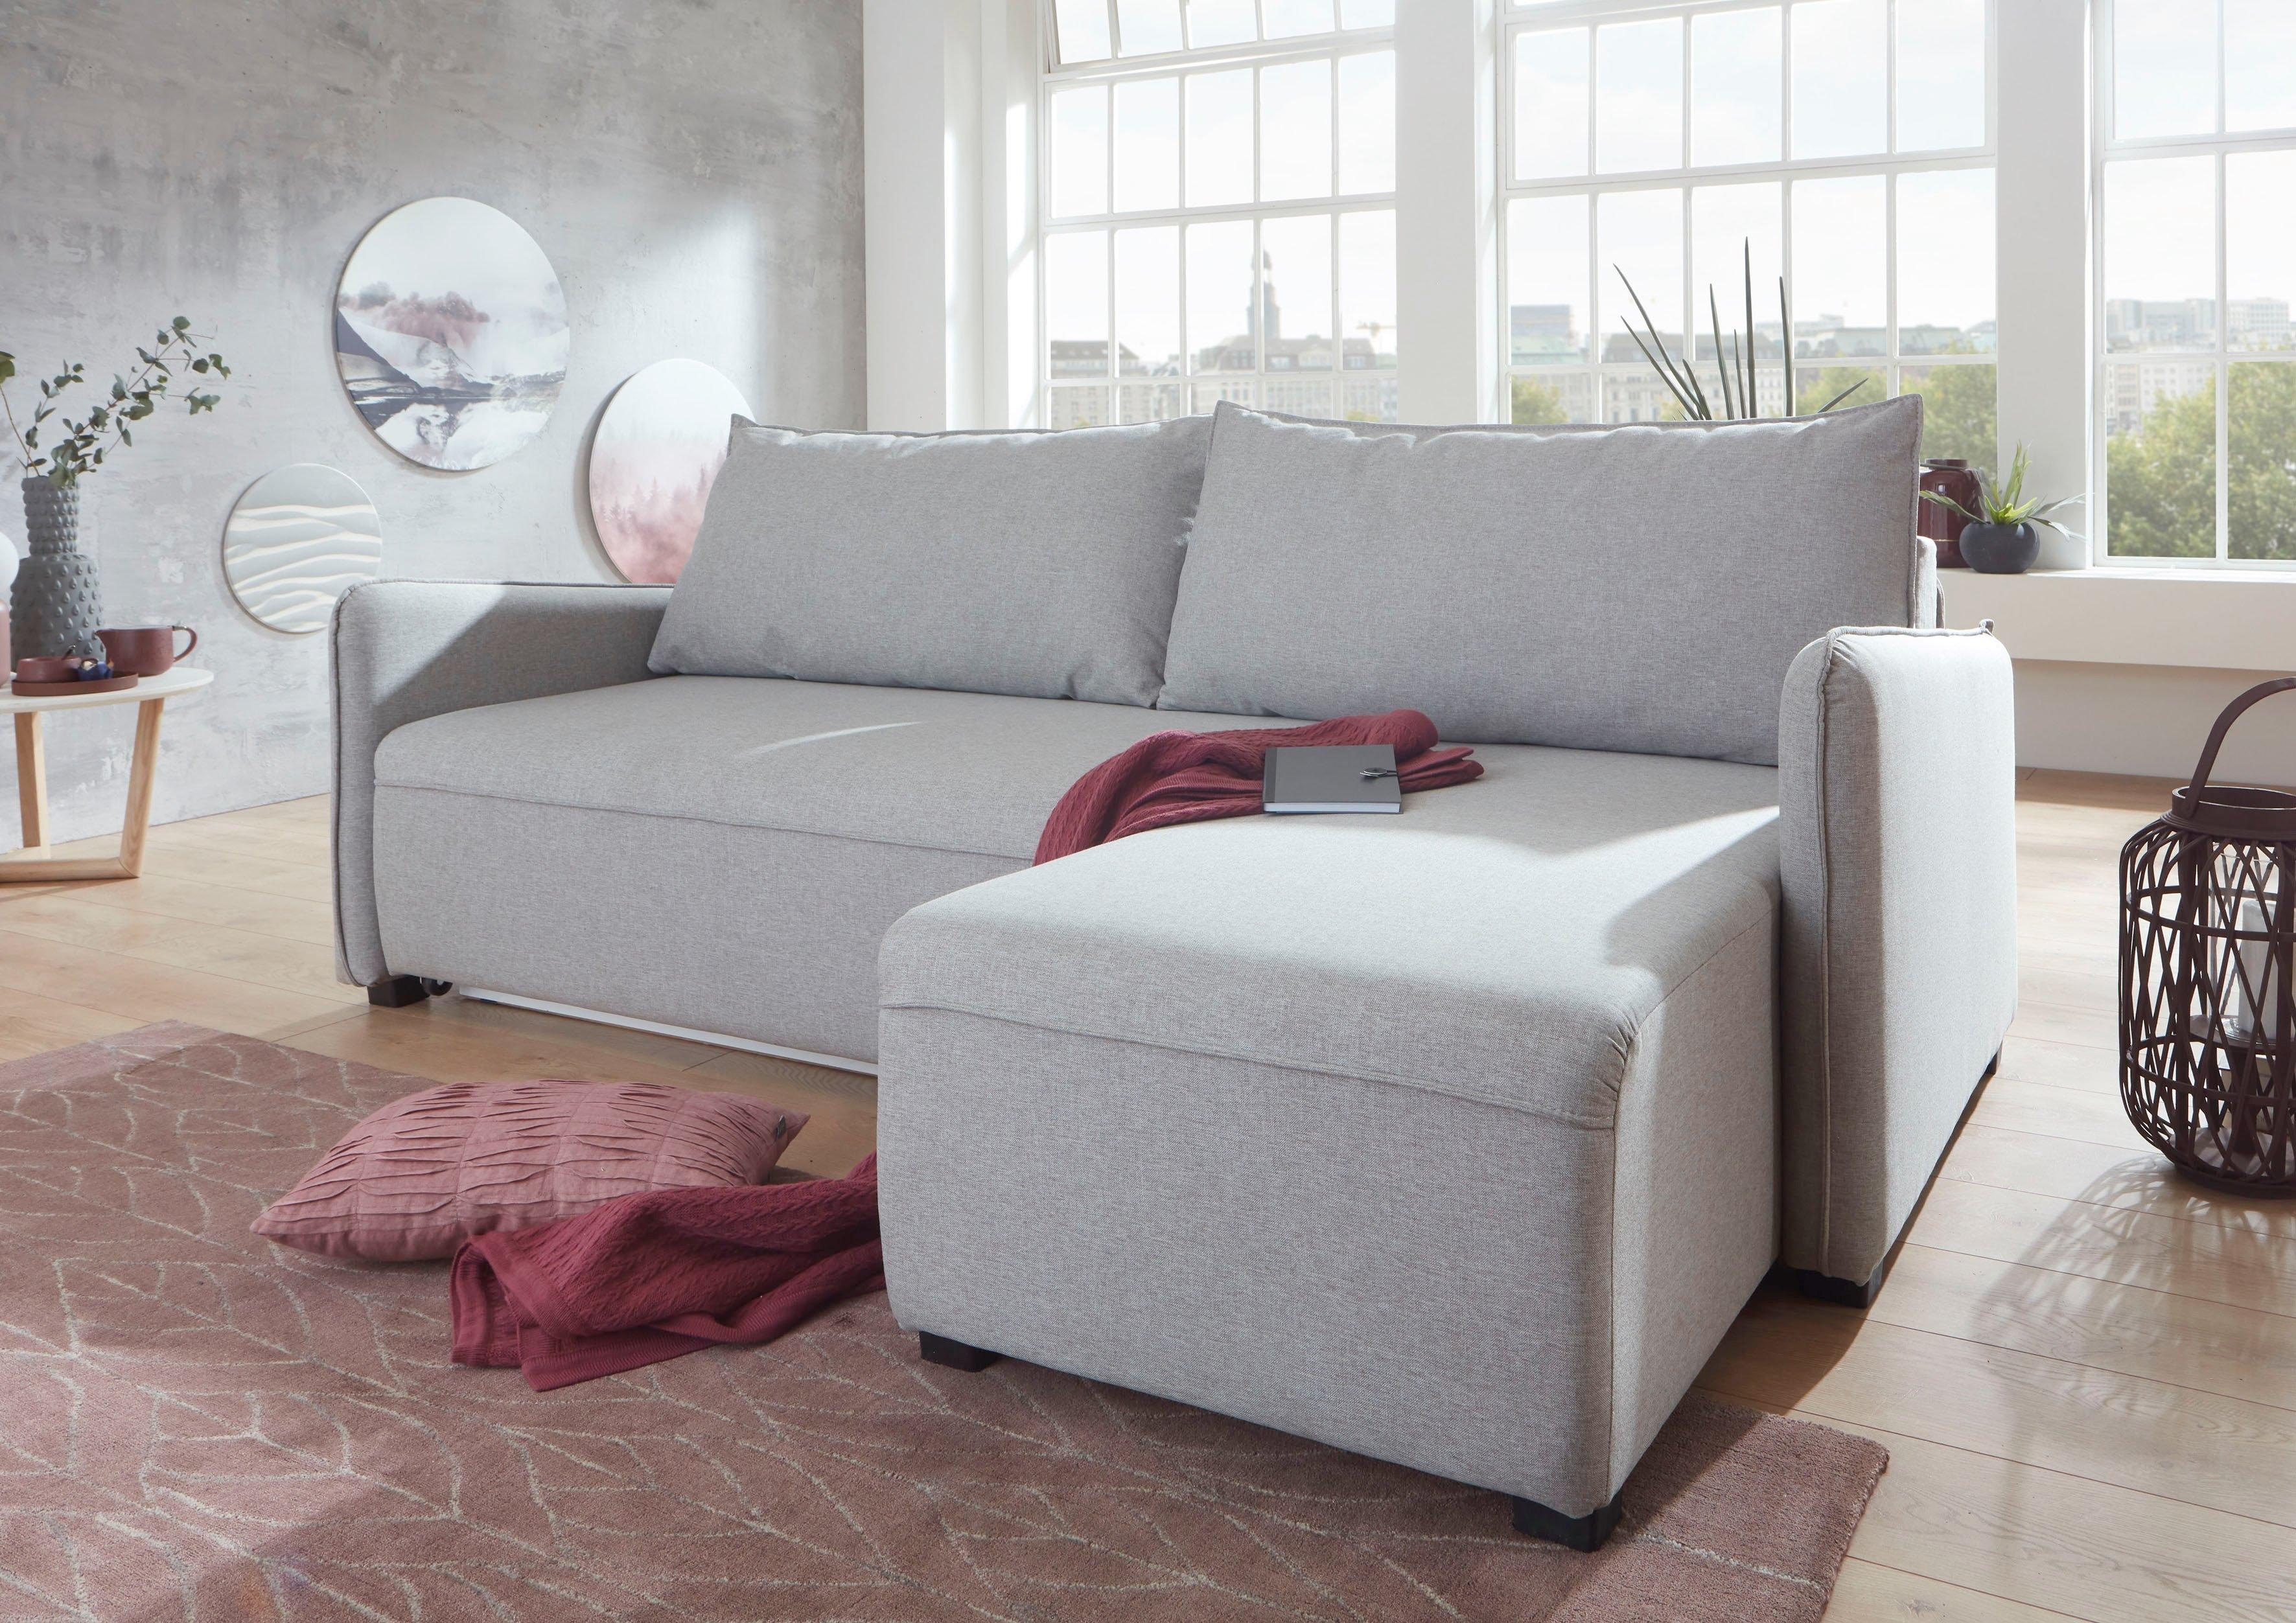 ATLANTIC home collection hoekbank met binnenvering, slaapfunctie, bedkist en aan beide kanten monteerbare récamier online kopen op otto.nl